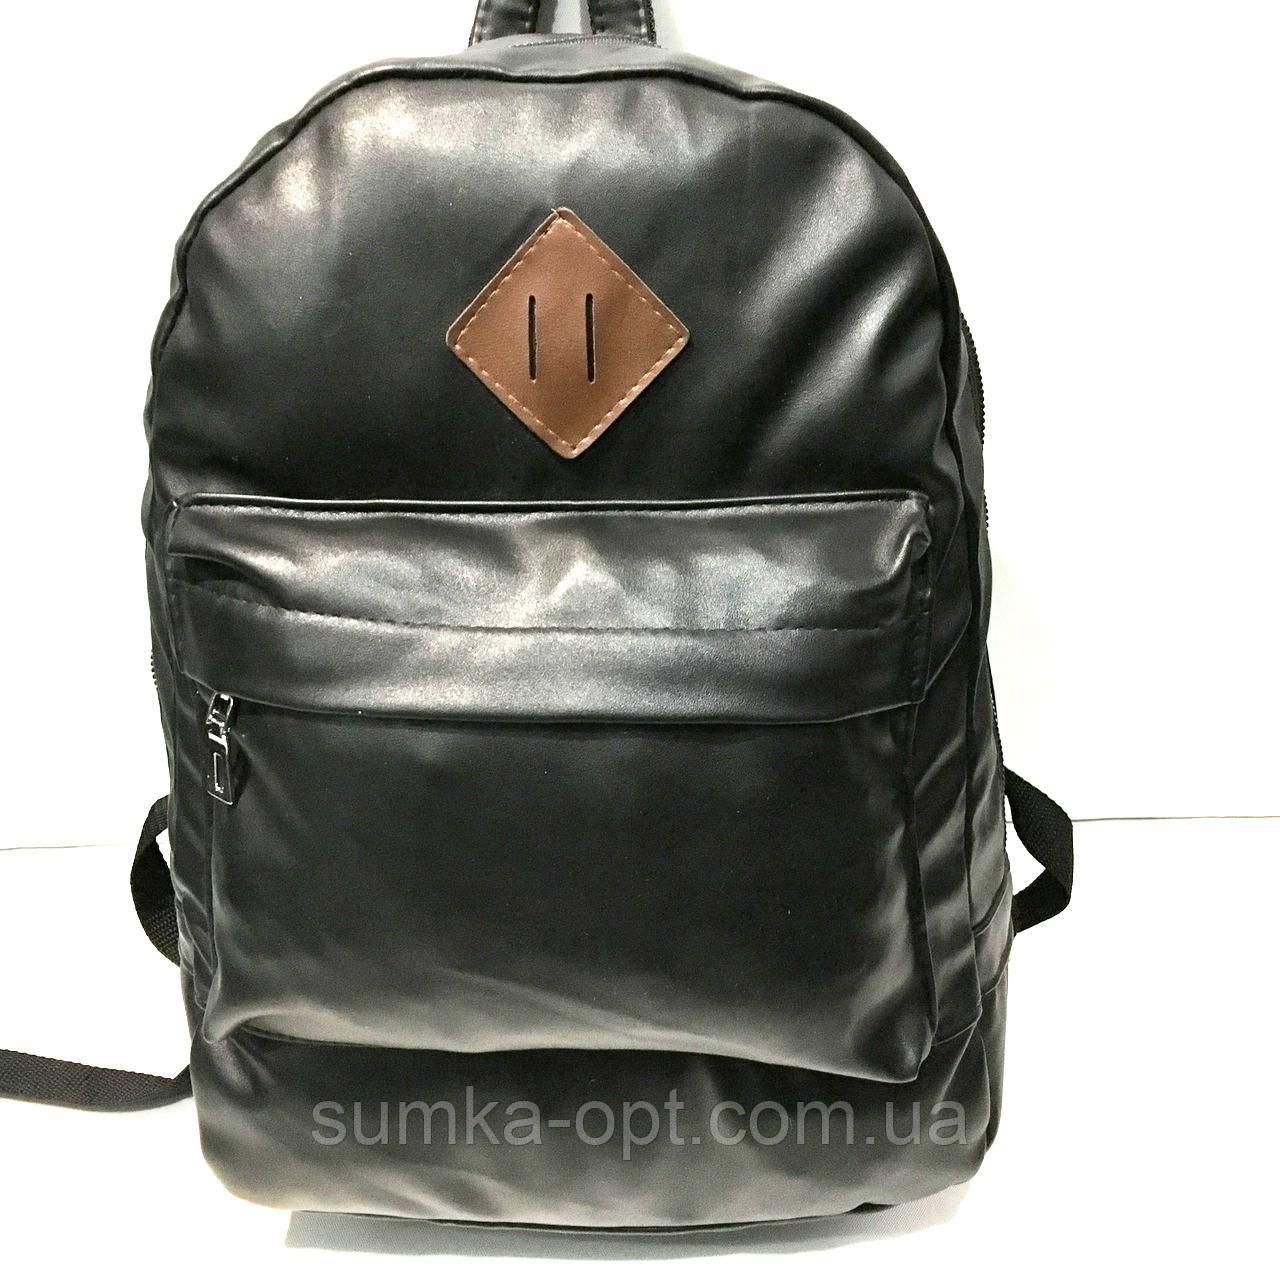 Рюкзаки спортивні кожвініл (чорний)30*44см